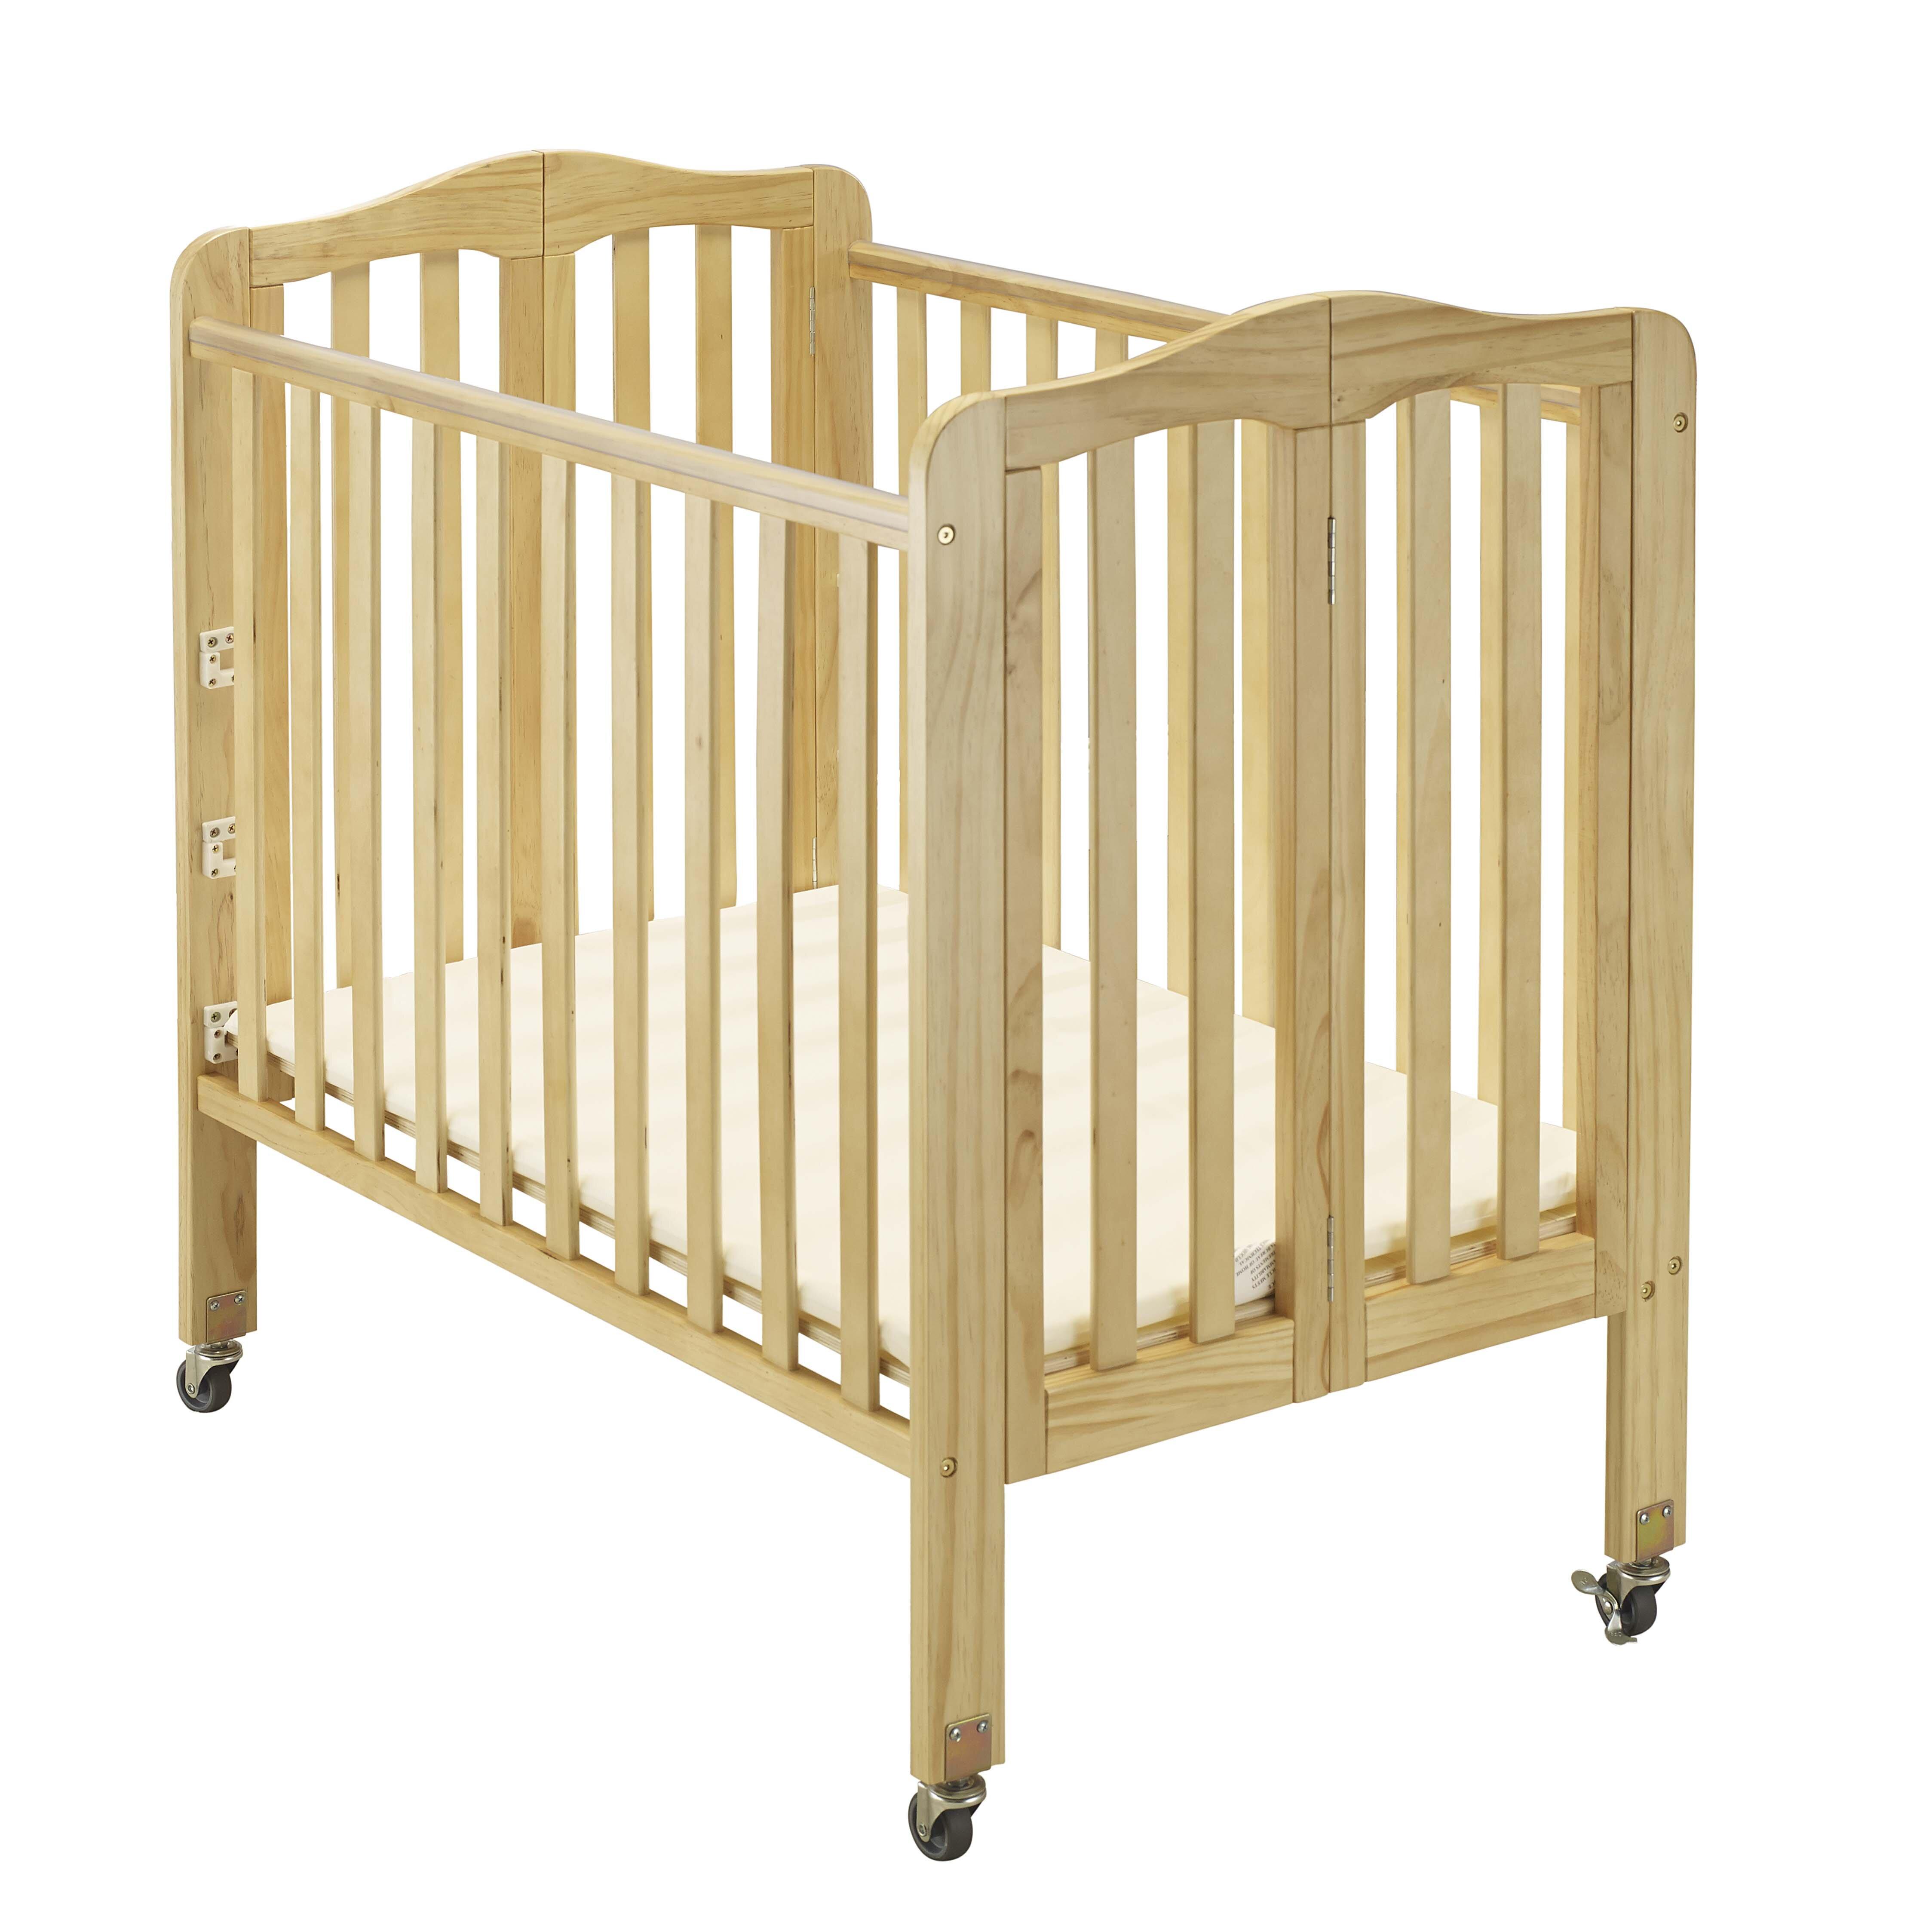 Baby bed portable - Baby Time International Inc Big Oshi Angela 3 Position Portable Crib